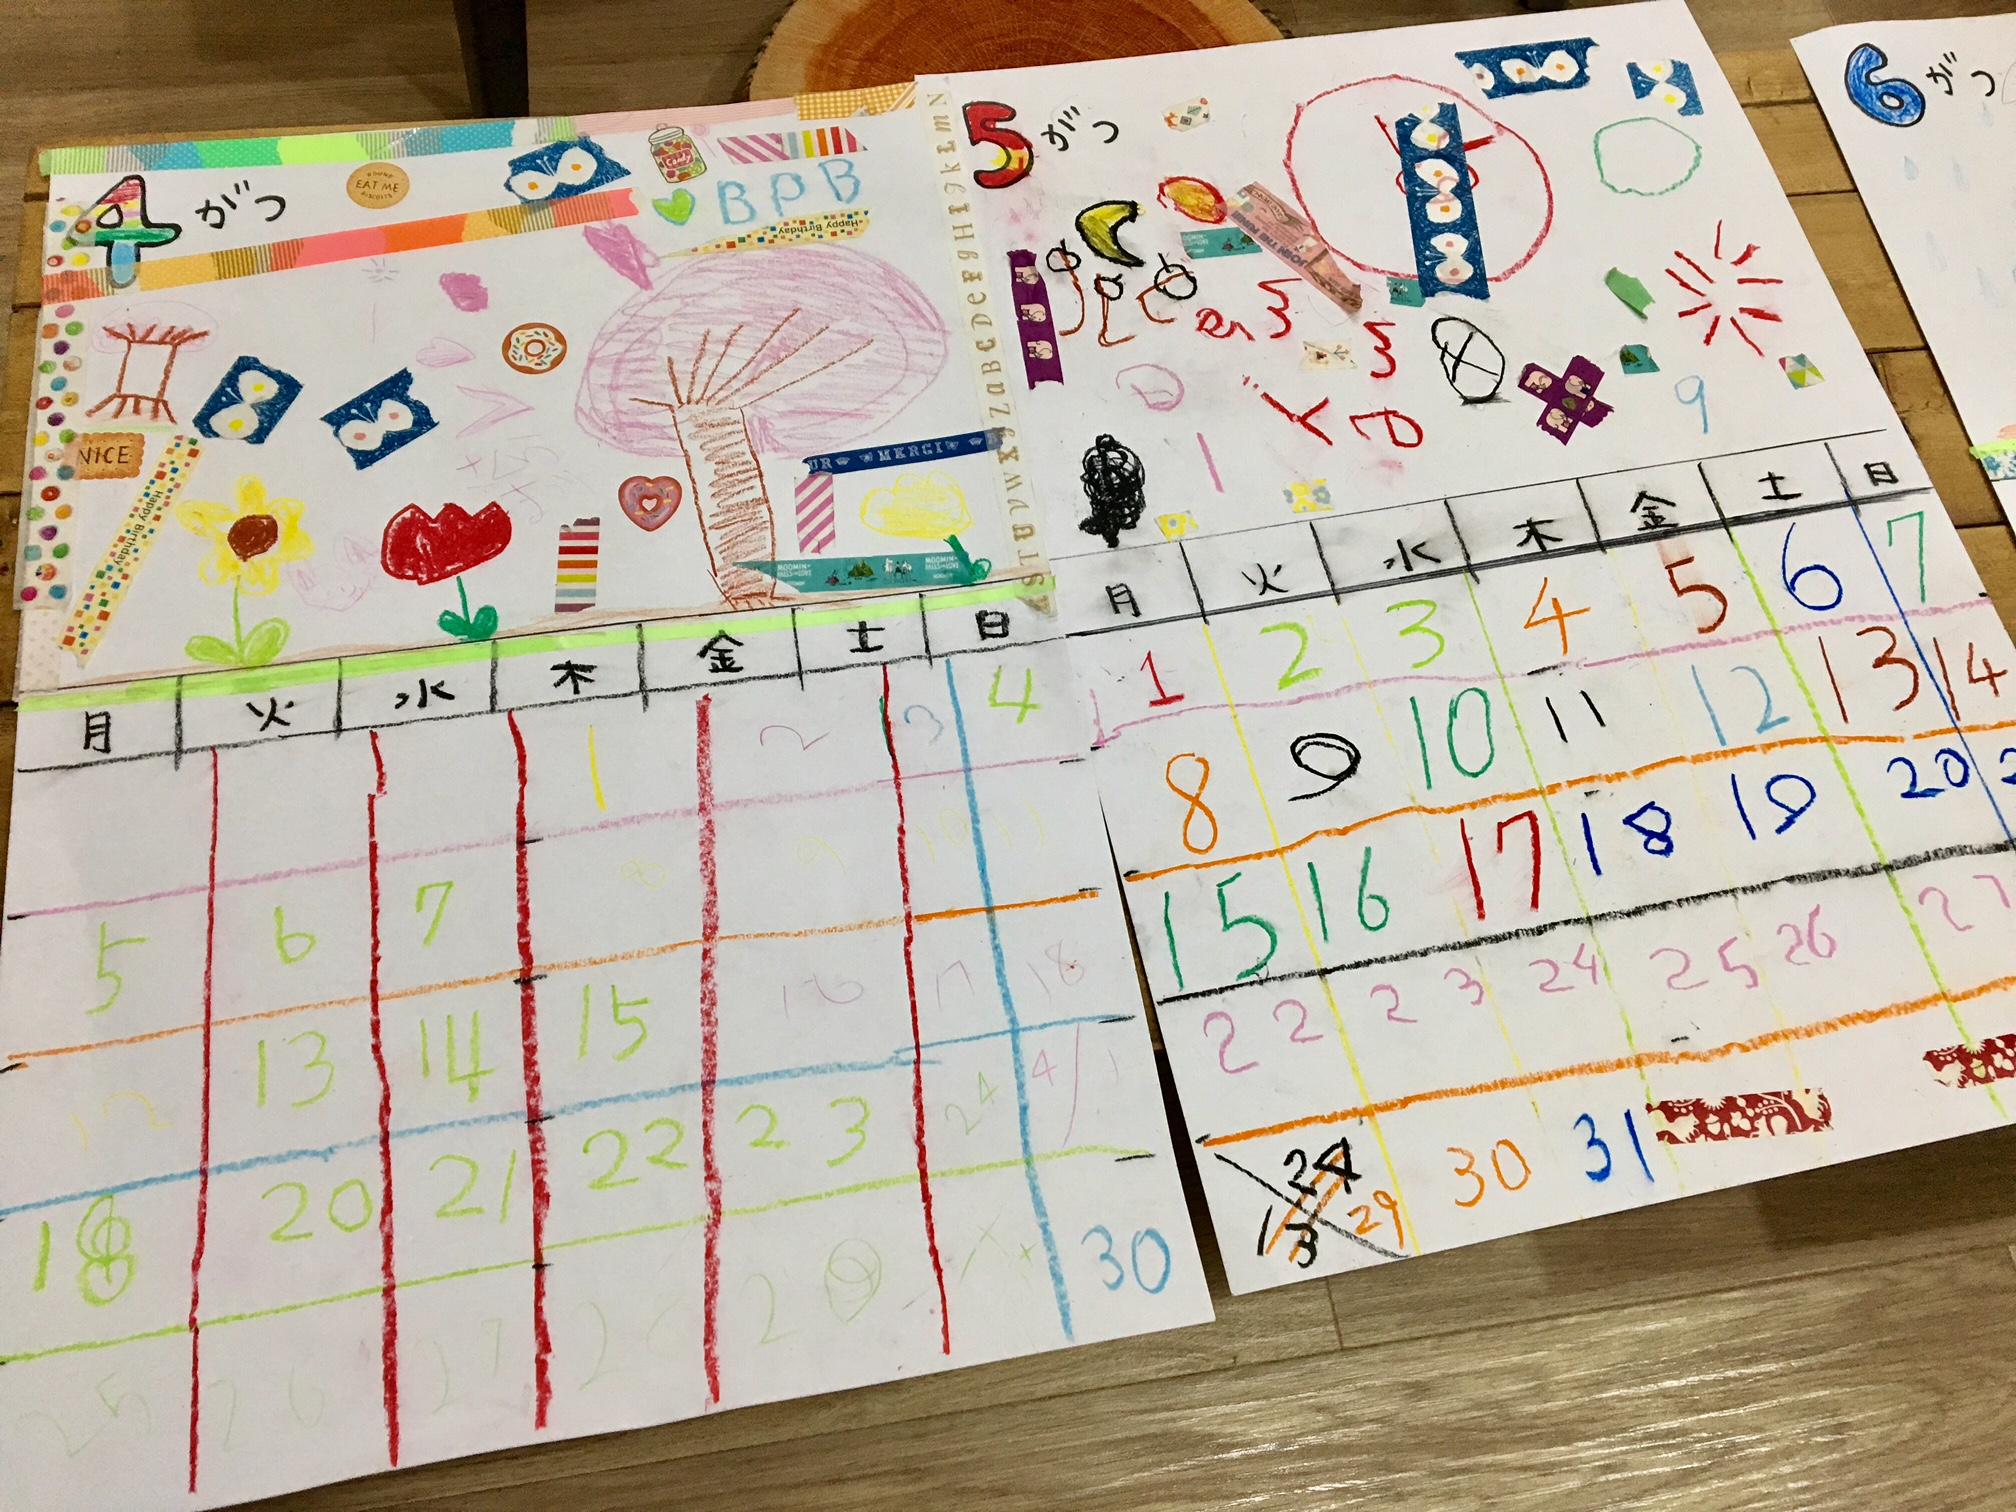 世界に1つだけのカレンダー作り☆彡